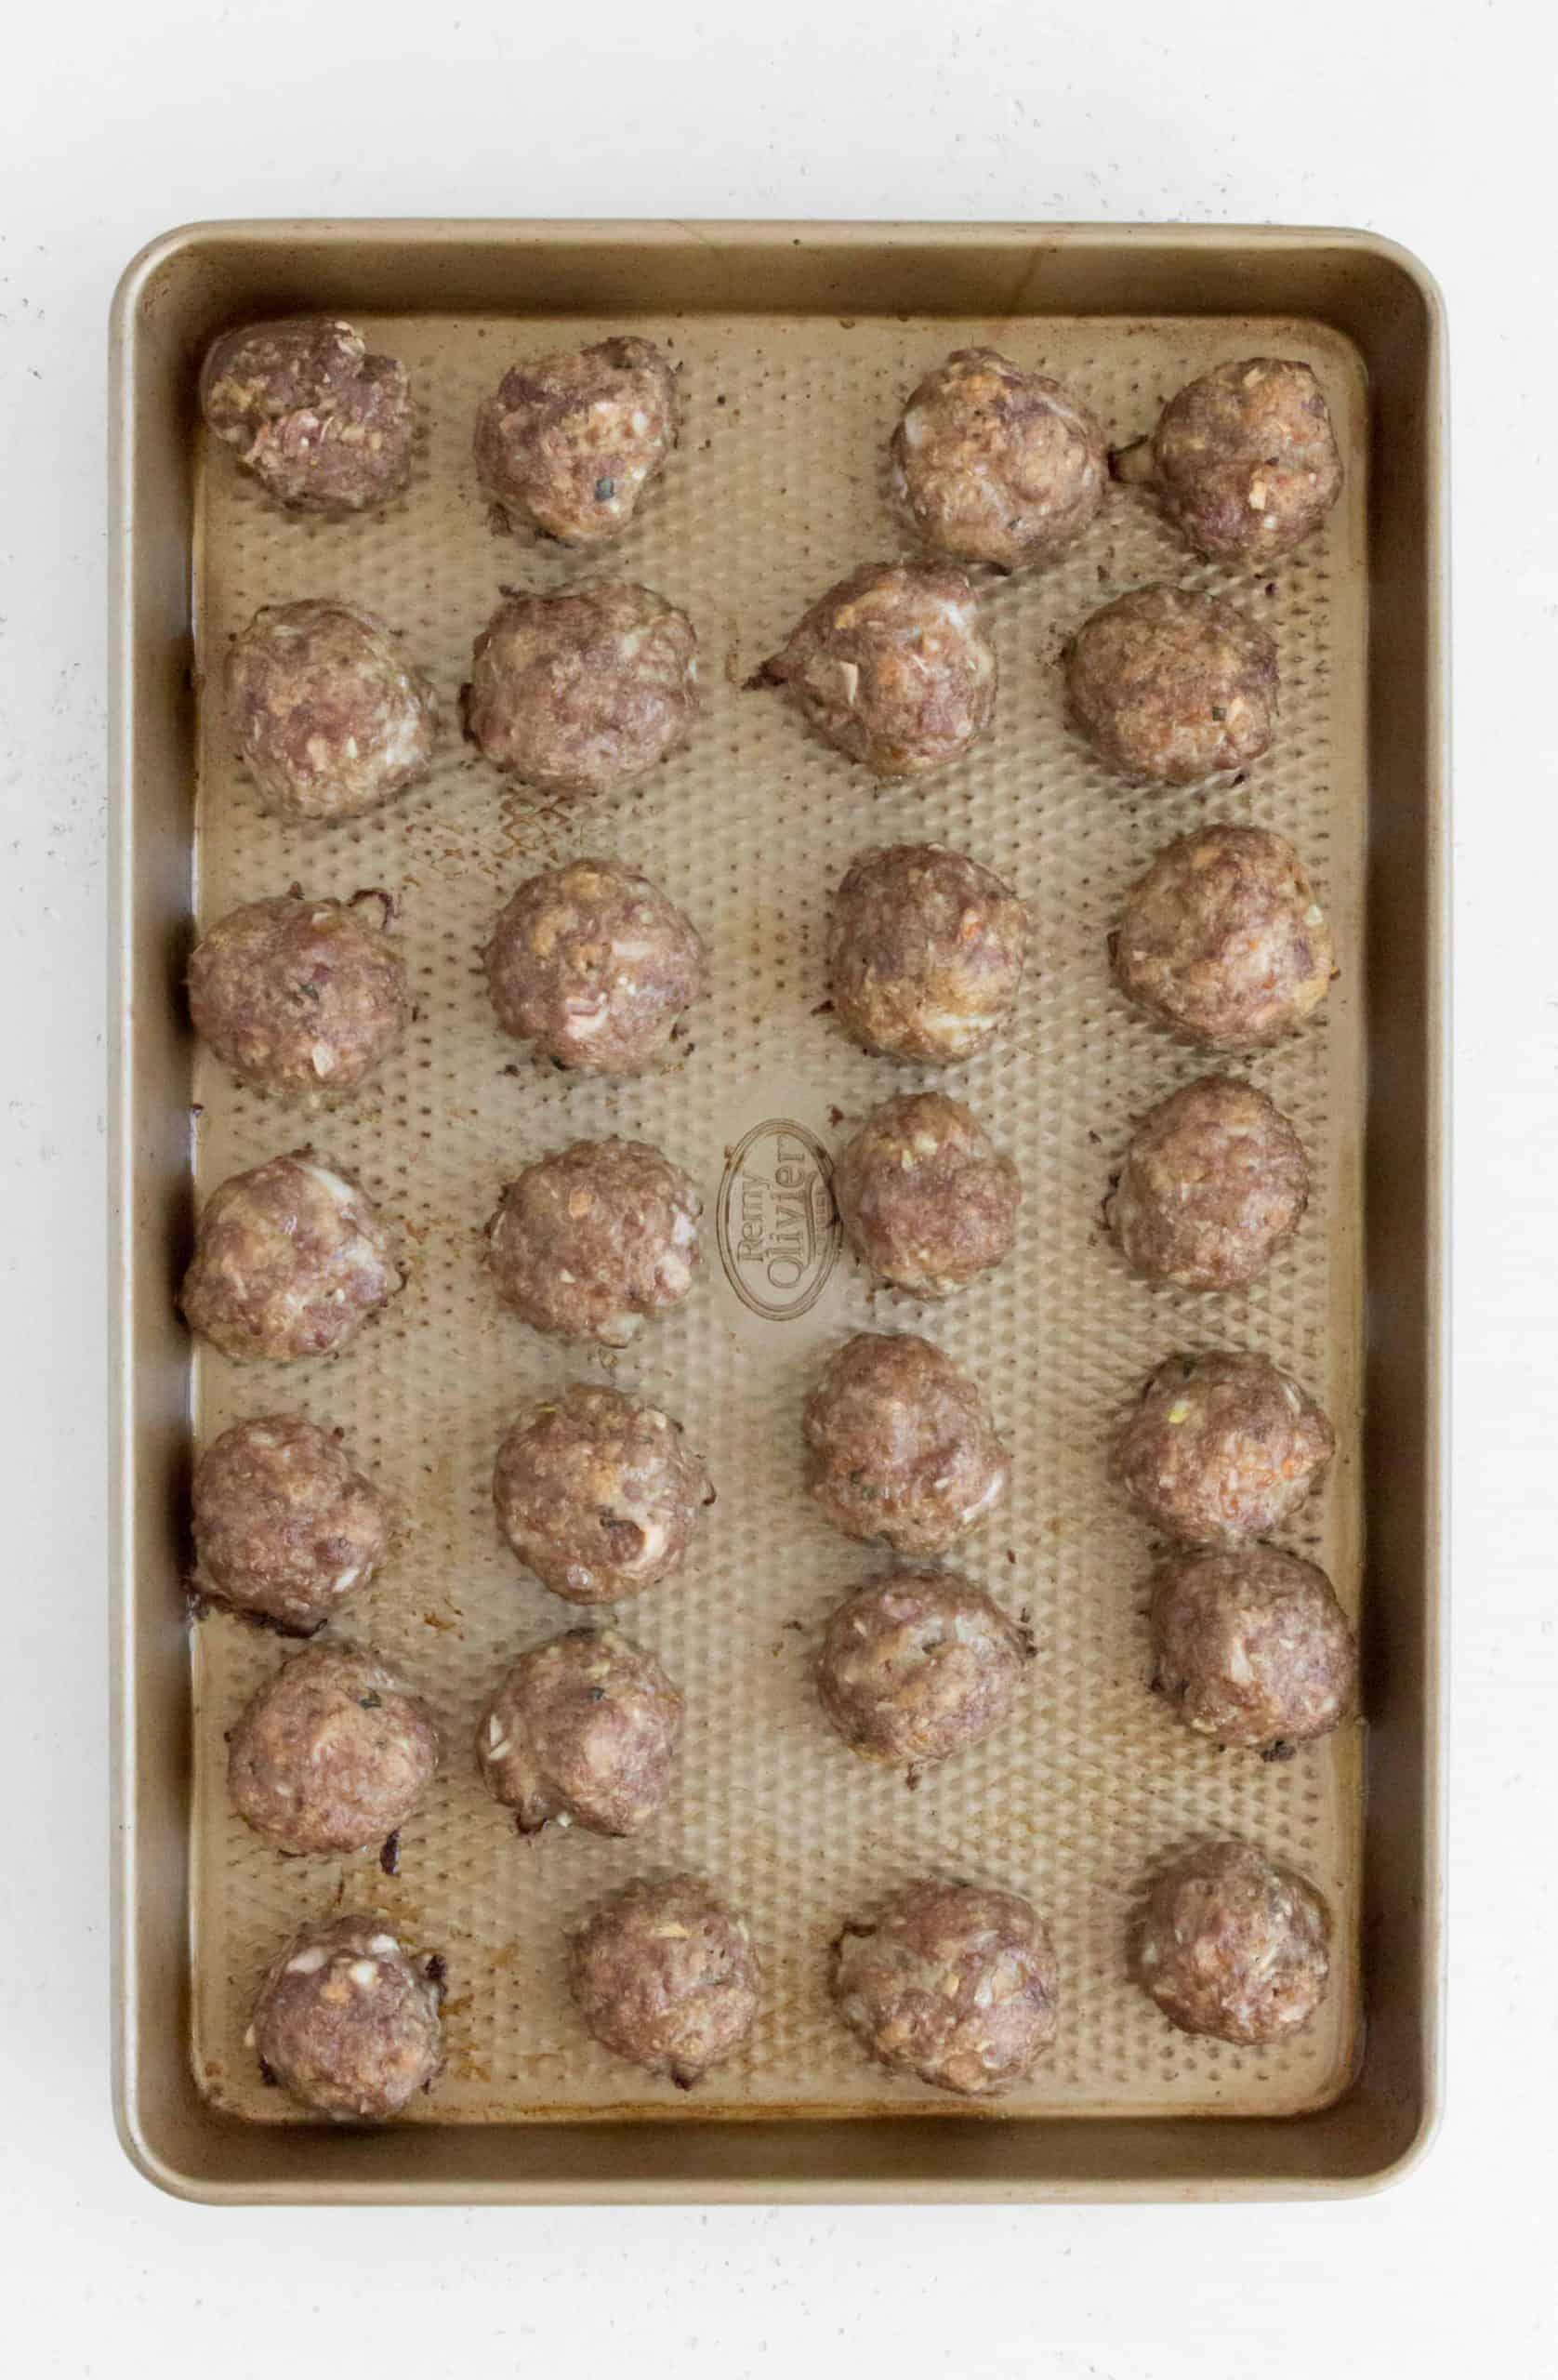 baked greek meatballs in a sheet pan